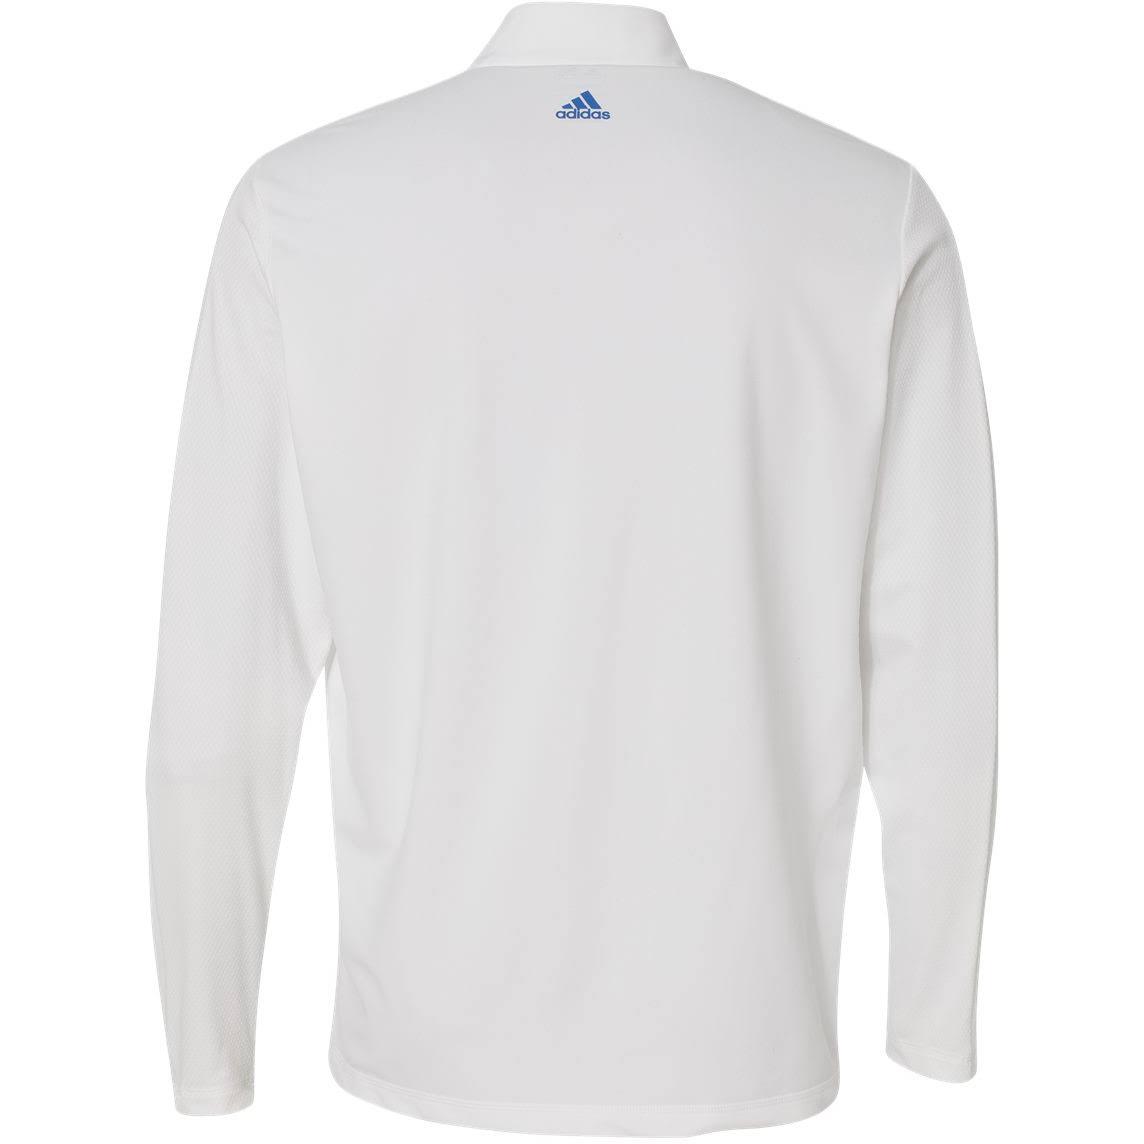 Adidas weiß Zip klein jacke Herren A195 Braun Quarter Royal zwOfz